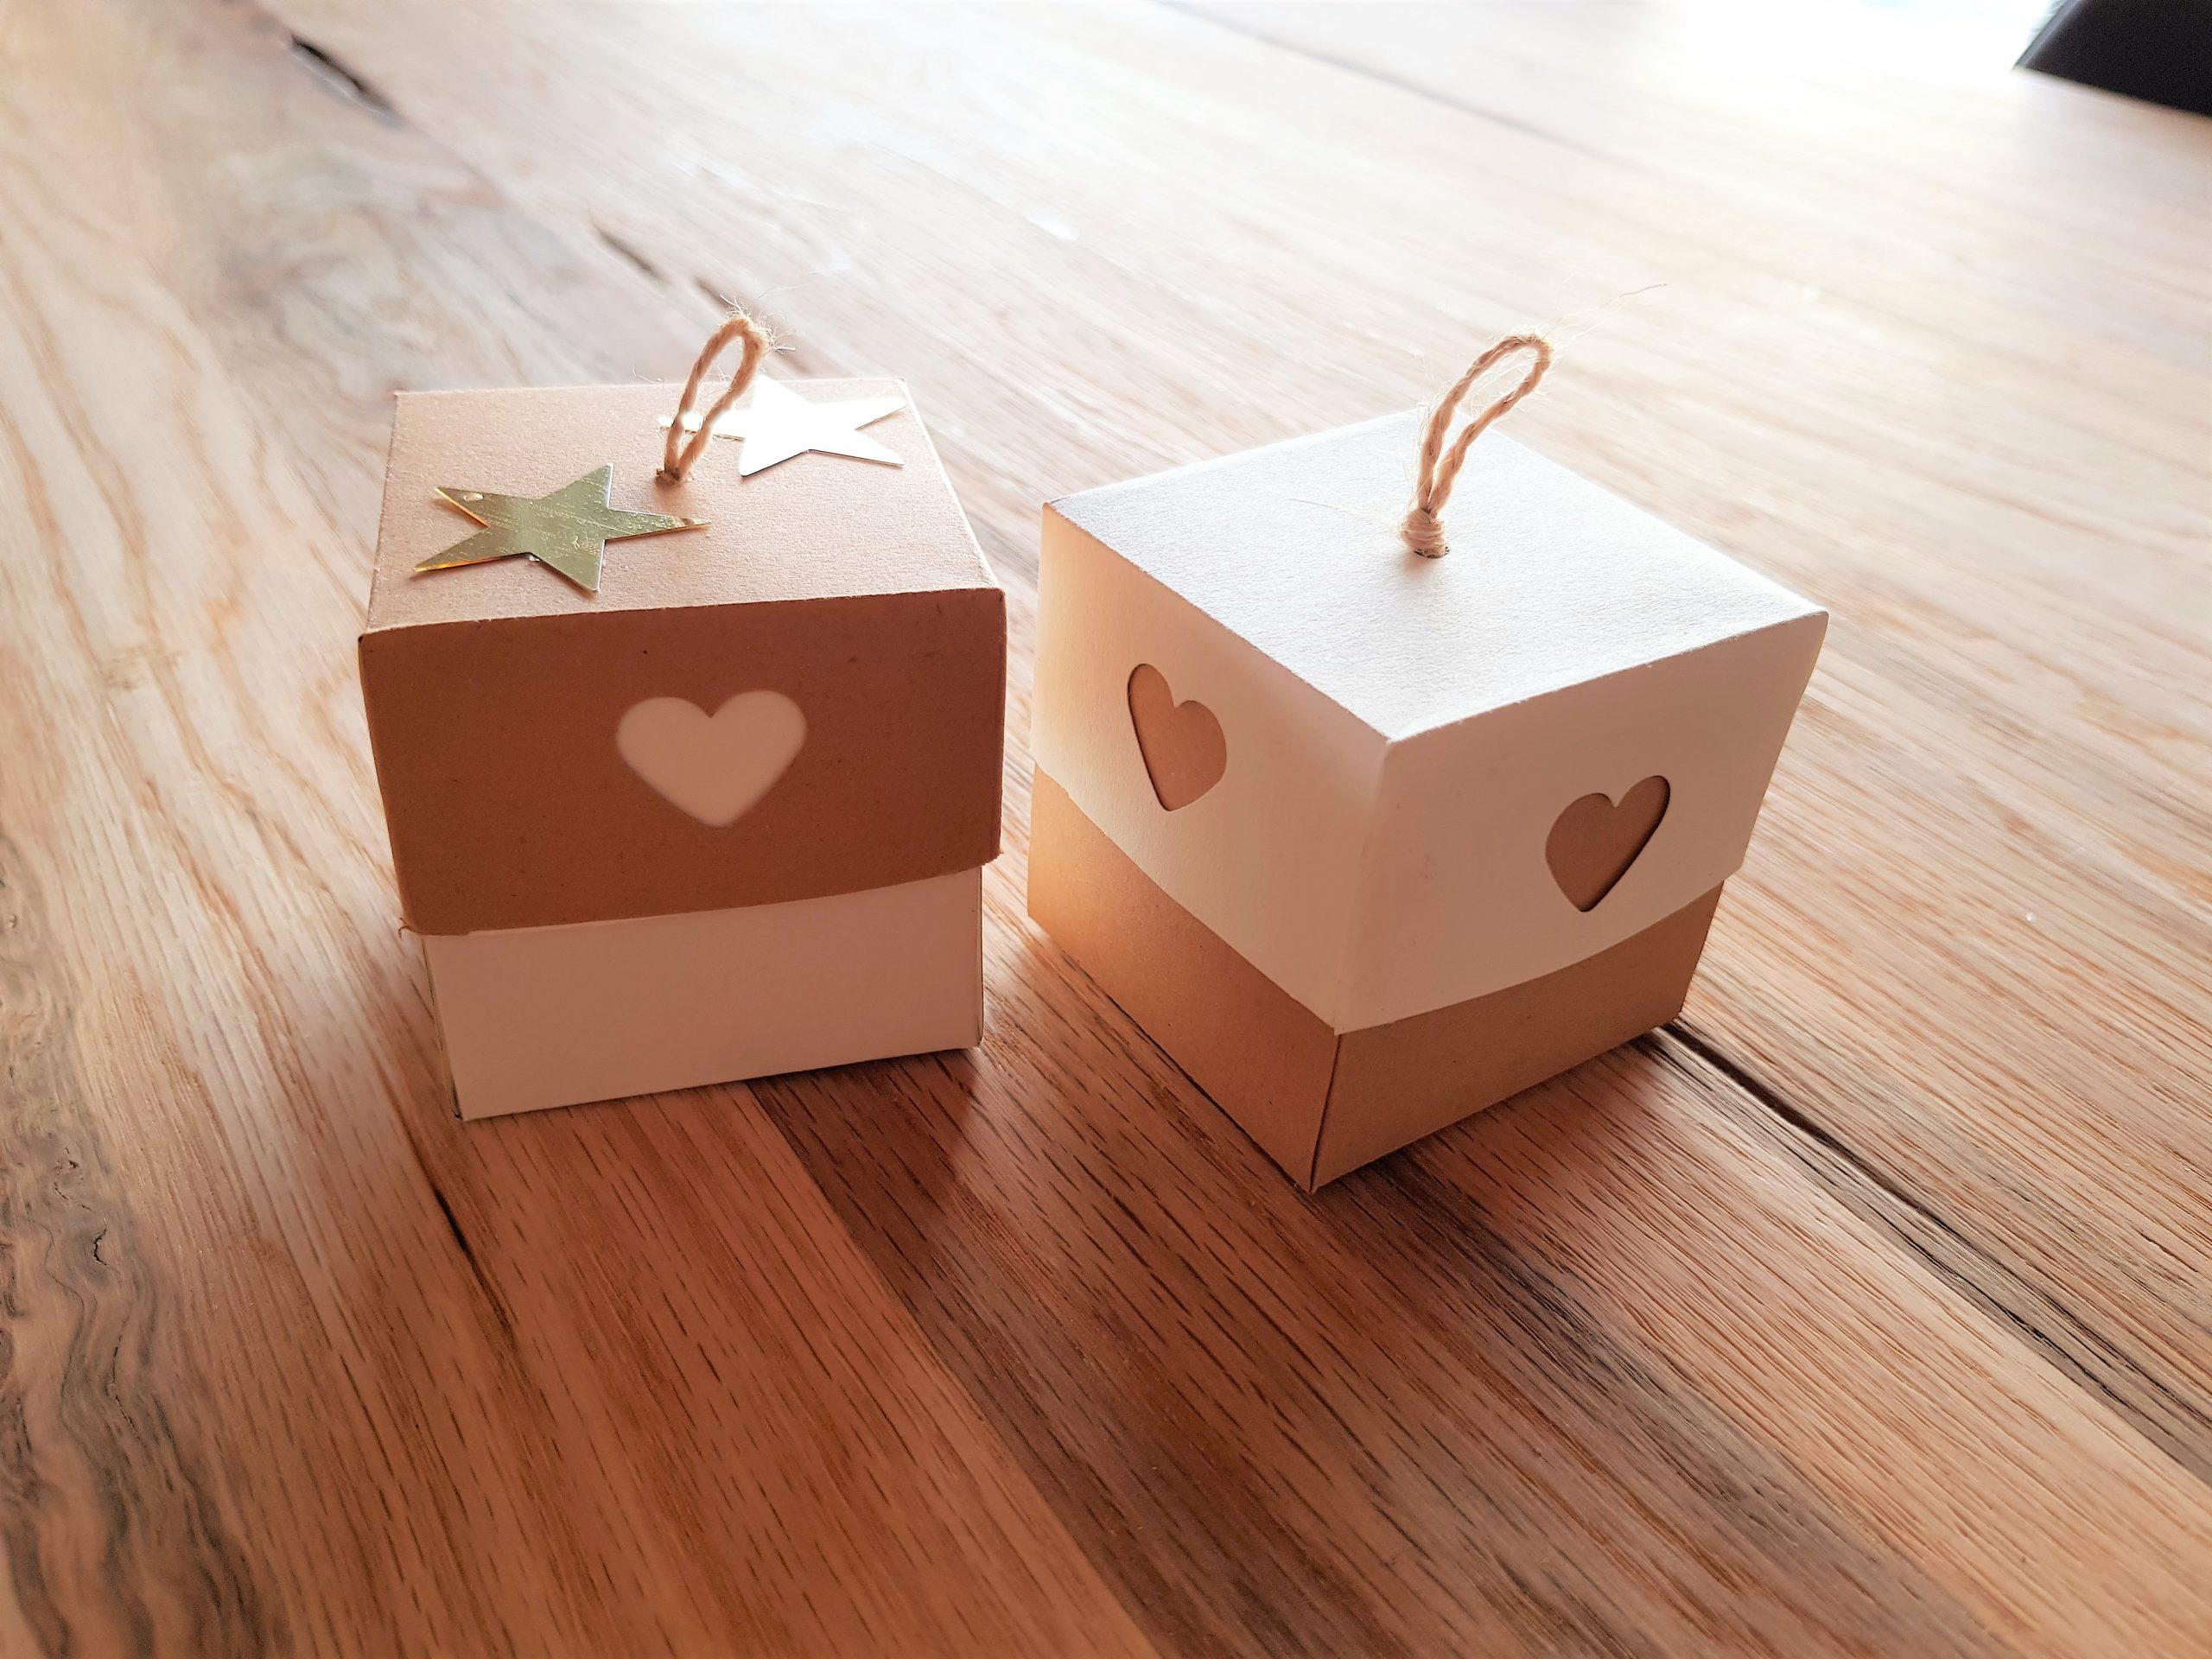 Gutschein- oder Geschenkboxen aus Papier